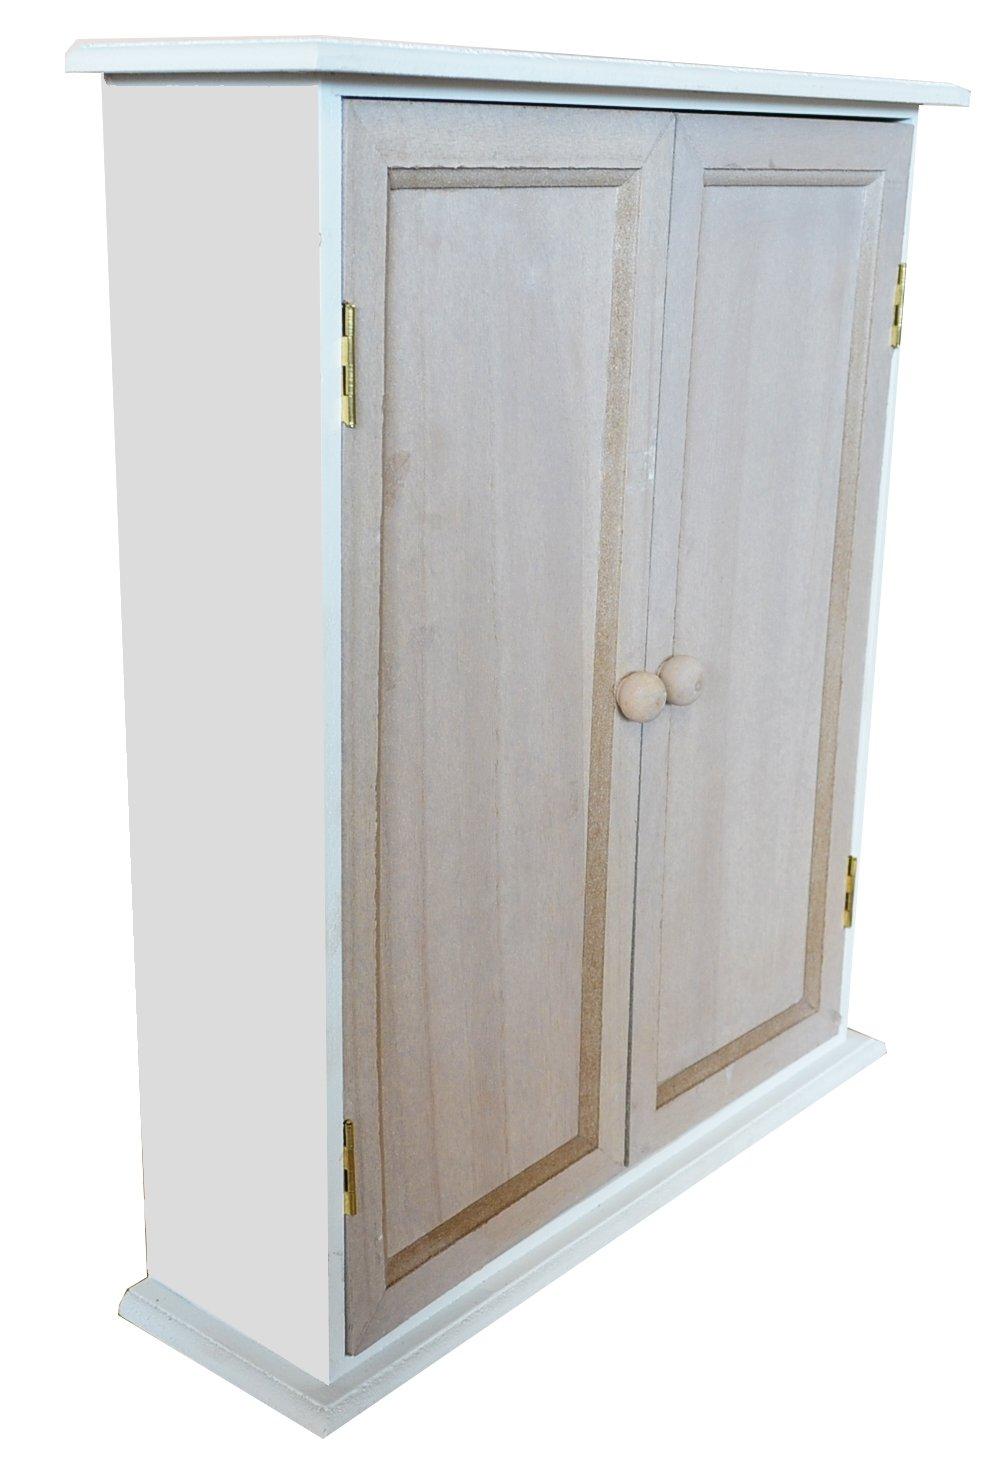 2 Farbe Kommode Schränke Holz Schrank Aufbewahrung Schränkchen Vintage Design